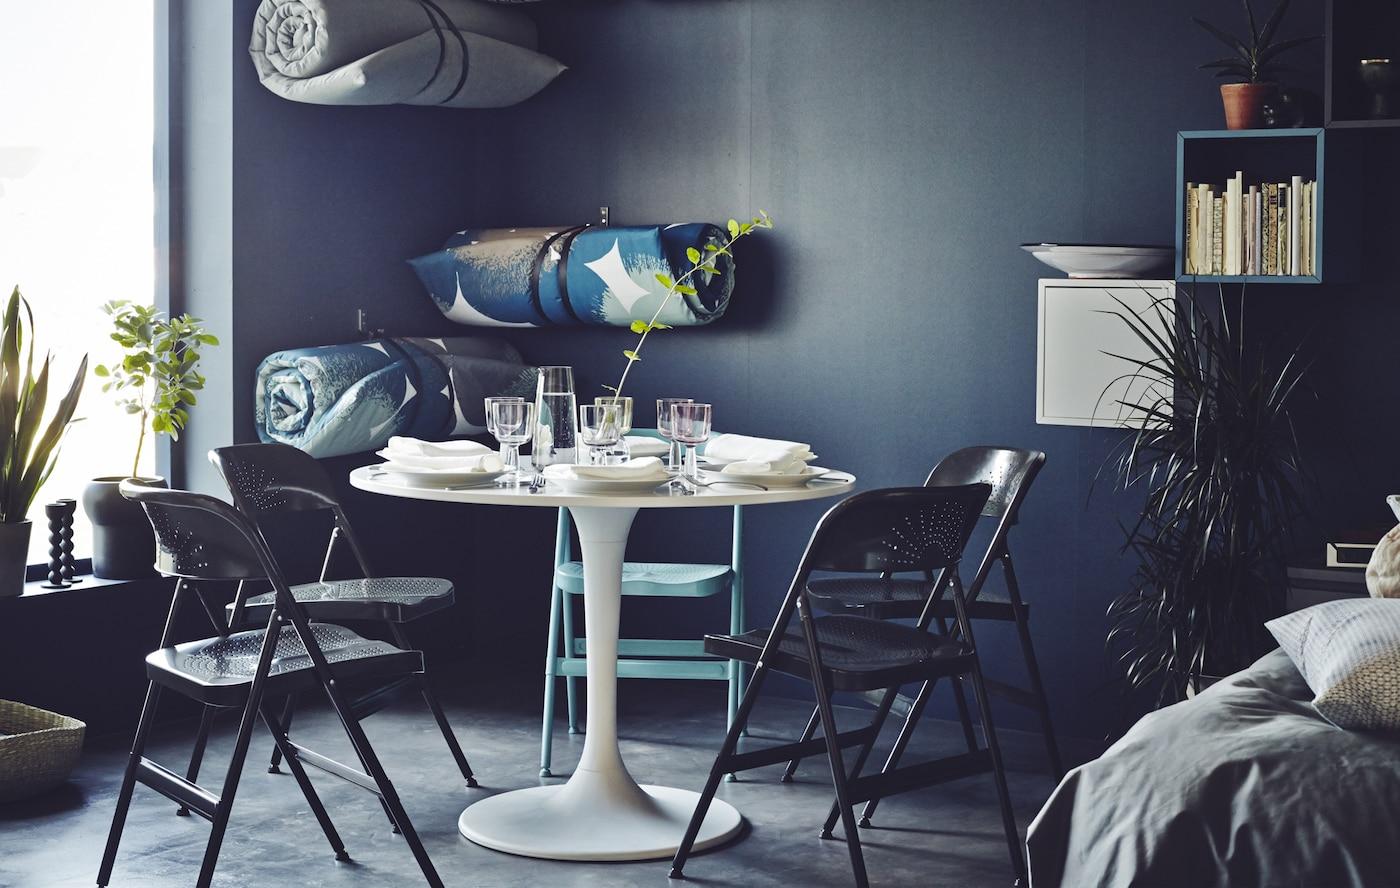 ليس من الضروري أن تصطبغ مناطق تناول الطعام بالصبغة الرسمية وبالجمود. مع وجود بعض الكراسي القابلة للطي، وطاولة قابلة للتعديل ومرتبات ليّنة يمكن لفها، على مقربة (مخزّنة على الحائط)، فإنه من السهل تكوين منطقة طعام تناسبك.